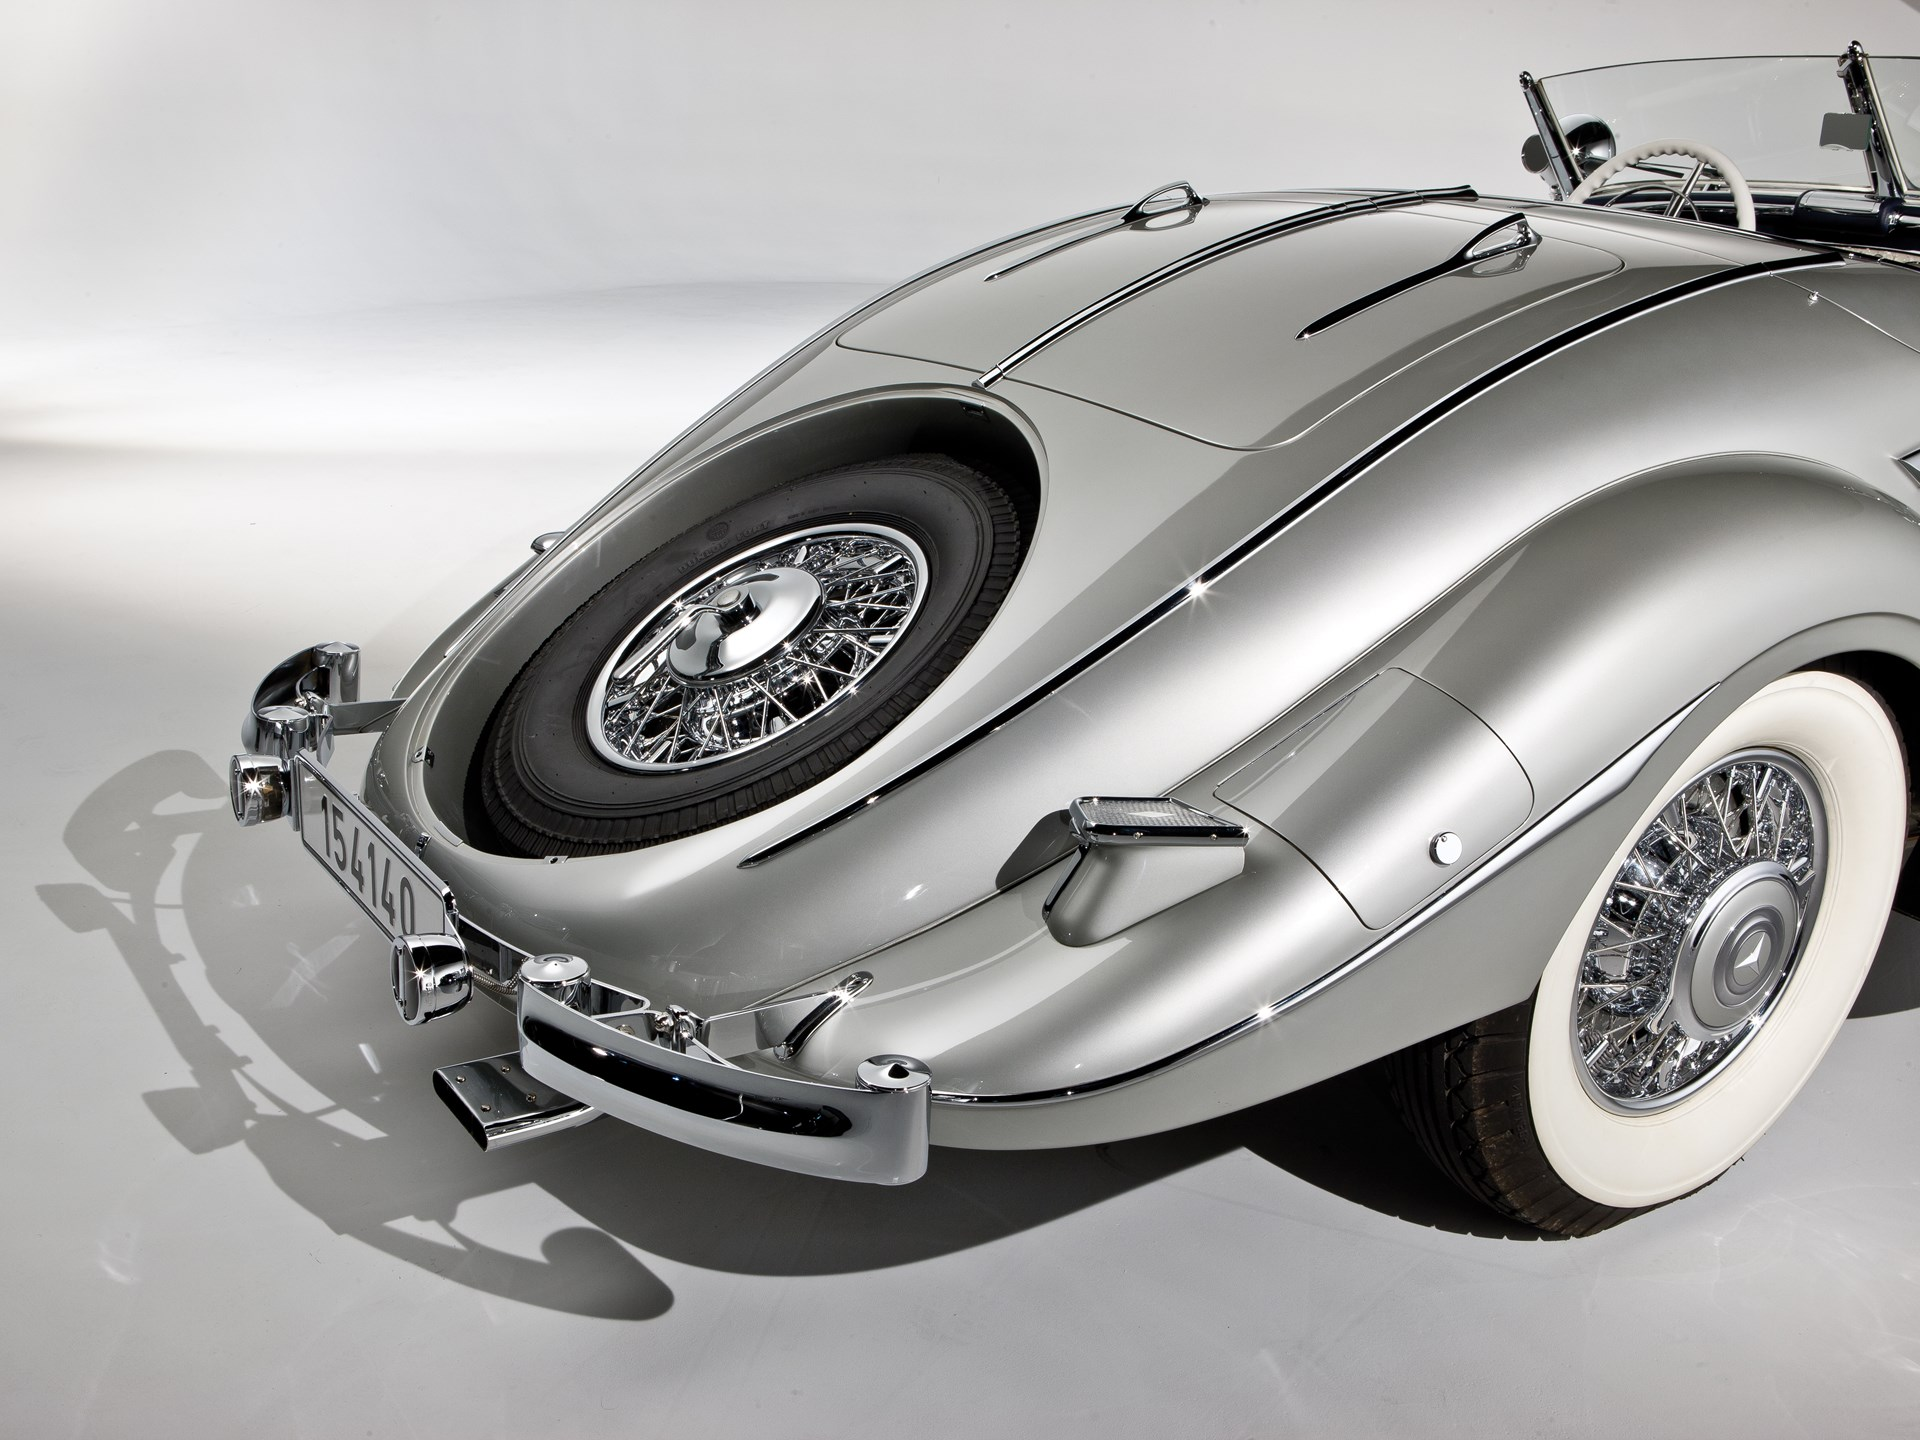 1937 Mercedes-Benz 540 K Spezial Roadster by Sindelfingen